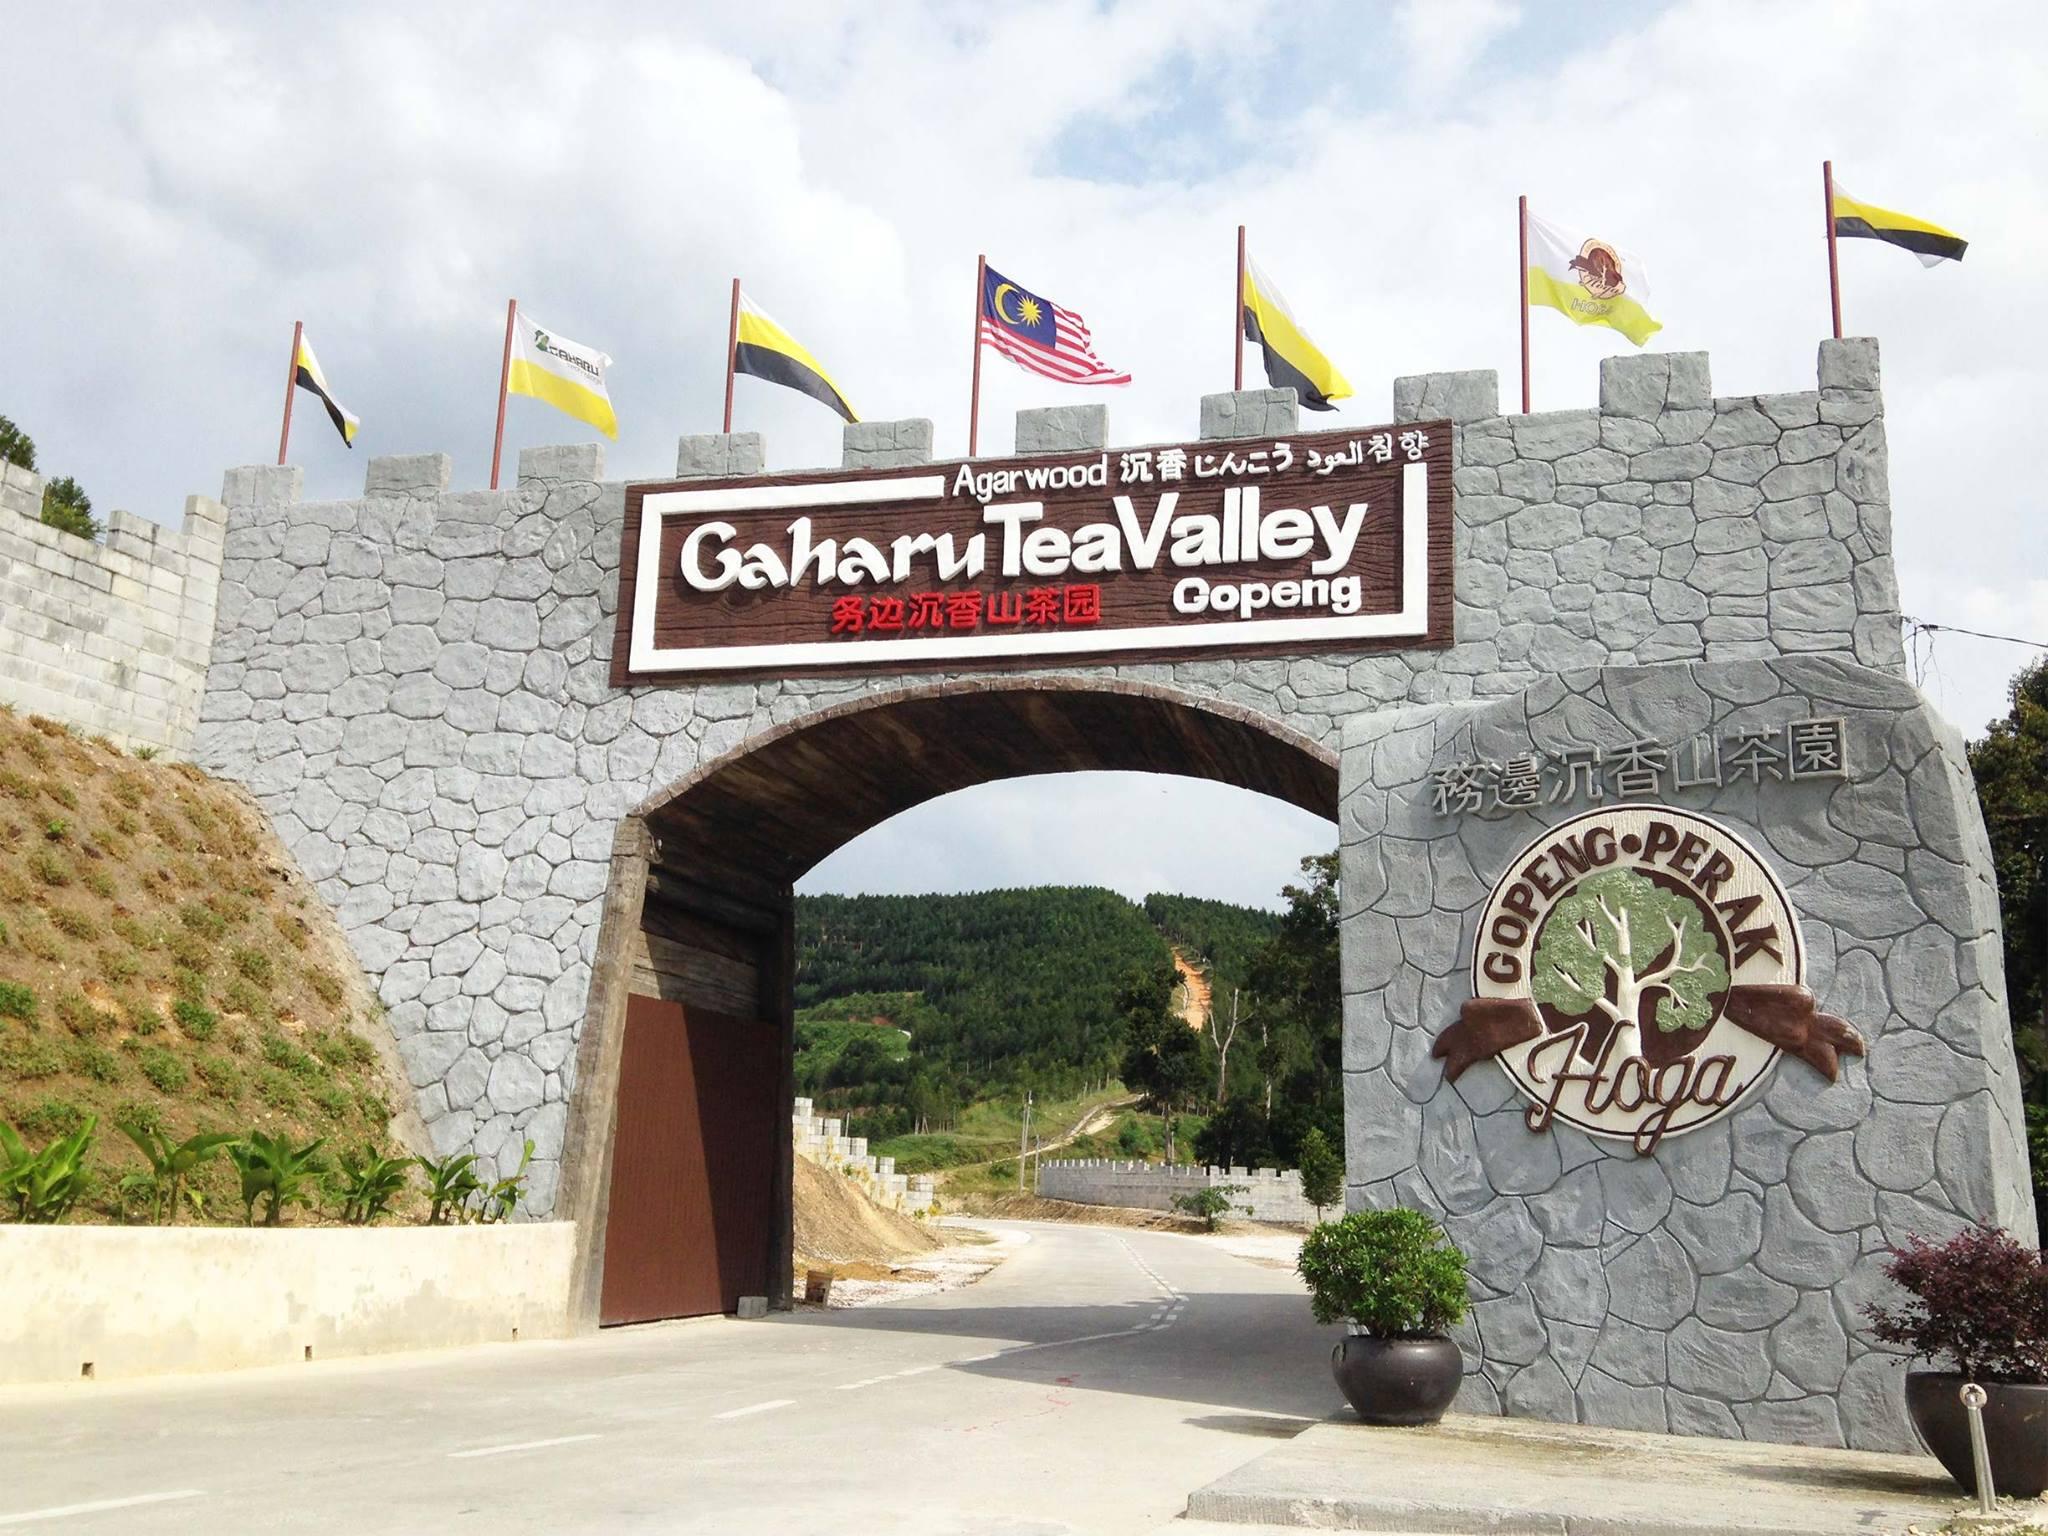 Gaharu-tea-valley-gopeng